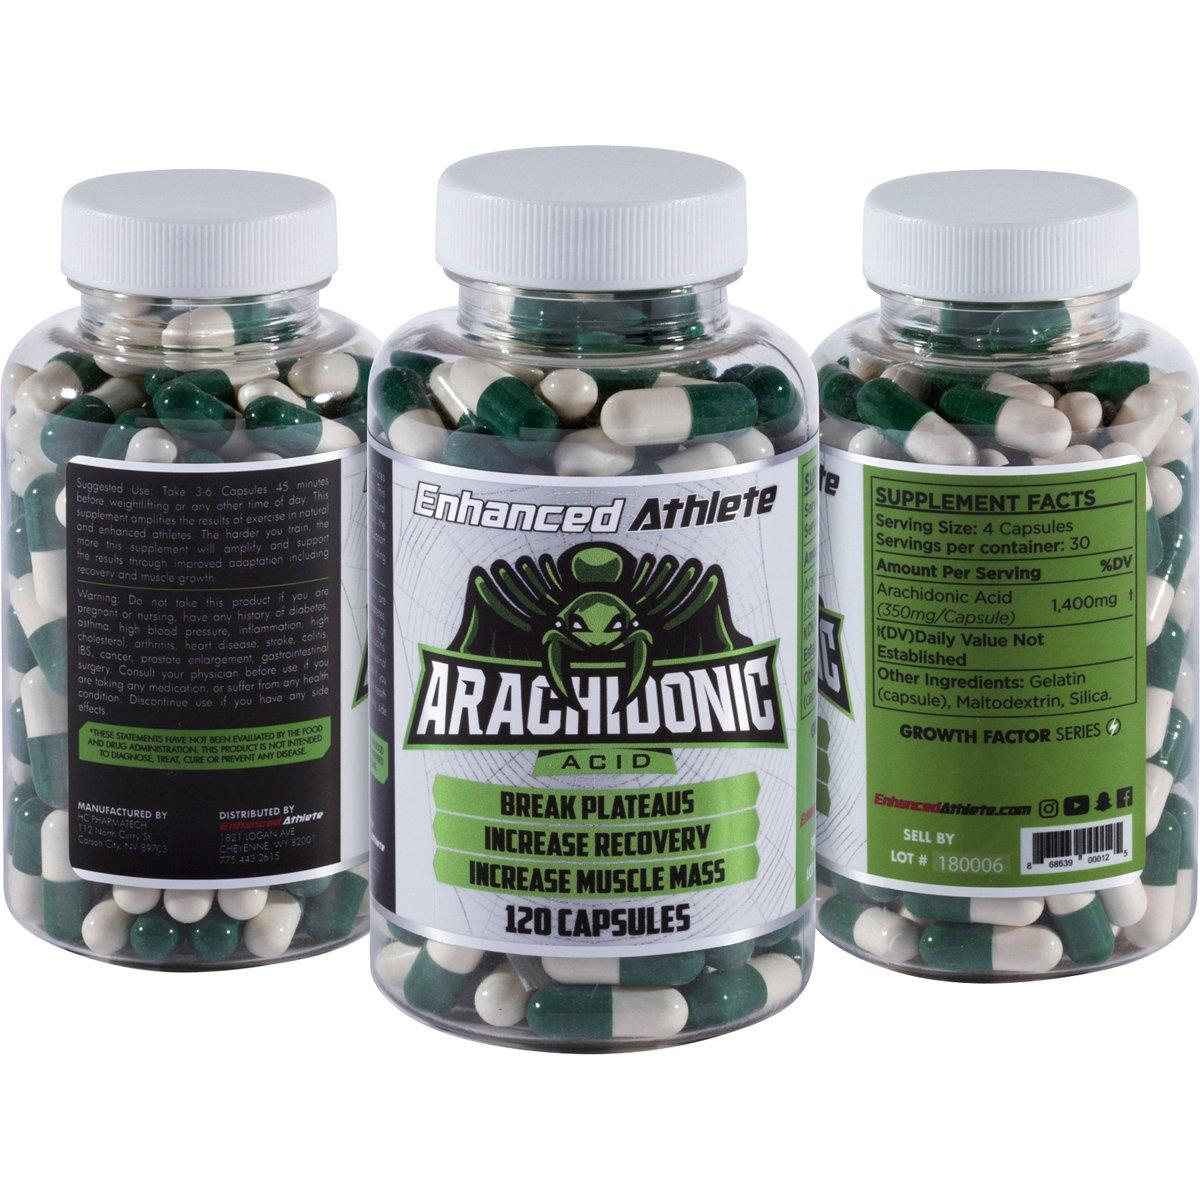 근육 성장의 끝판왕- Arachidonic Acid